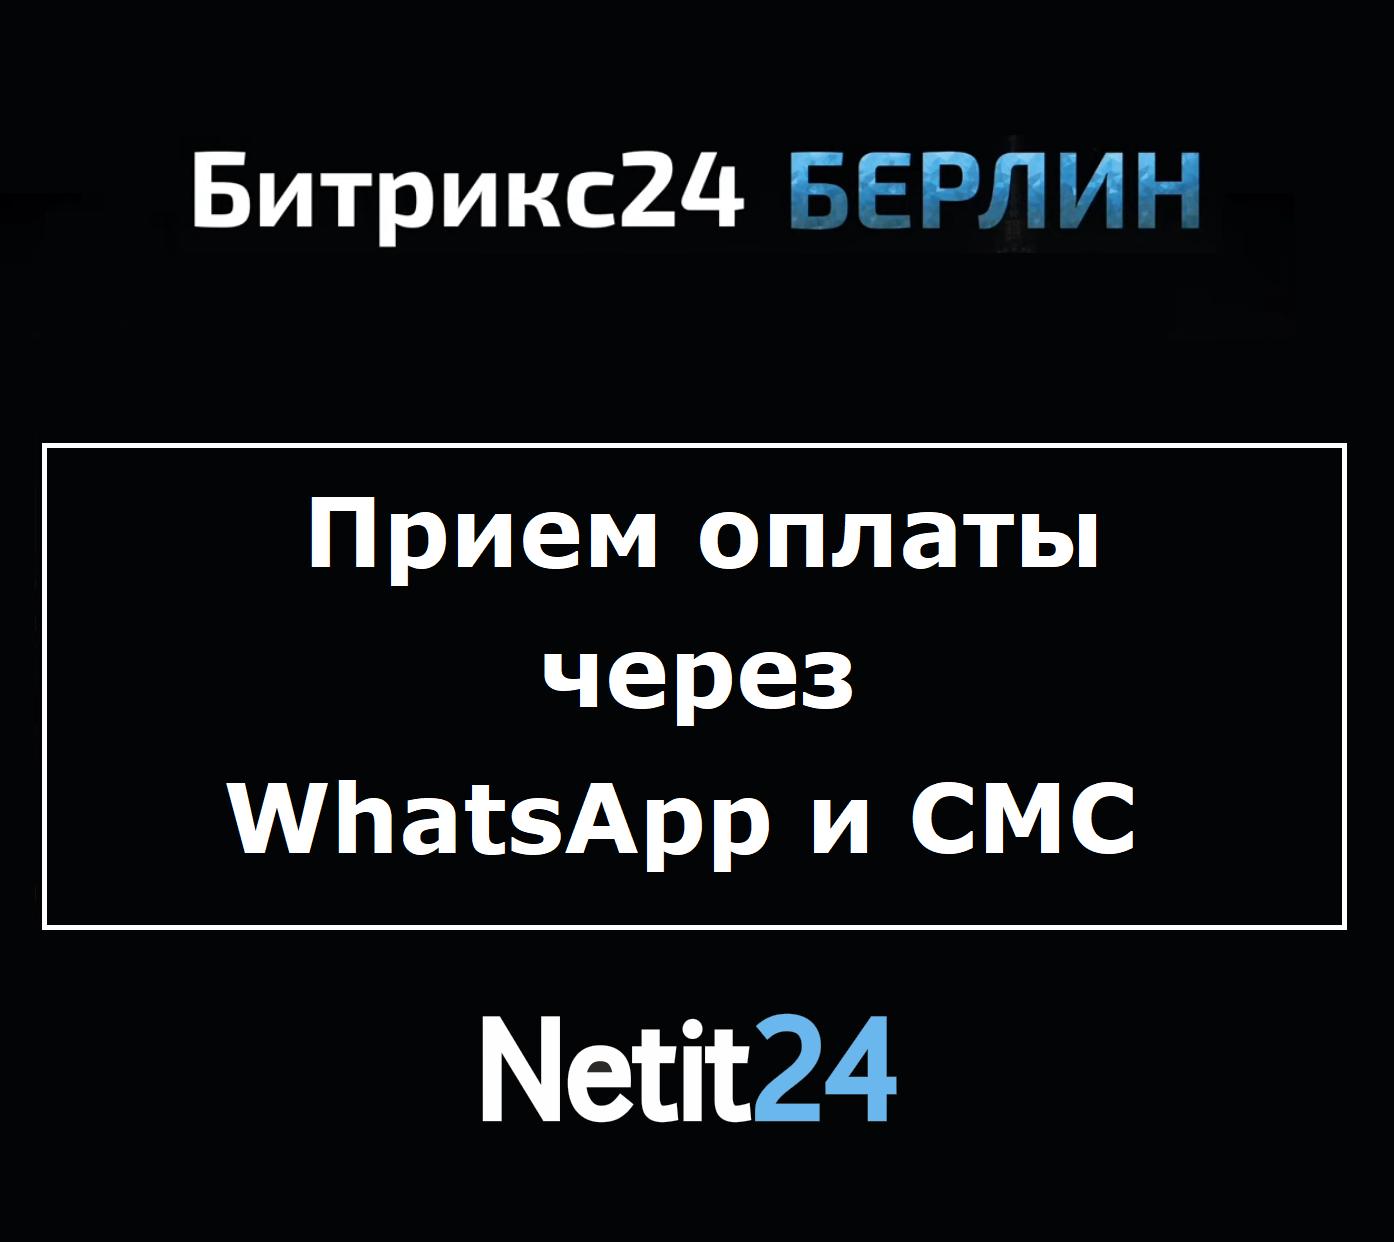 Принять оплату в Битрикс24 можно через СМС и WhatsApp вотсап Netit24